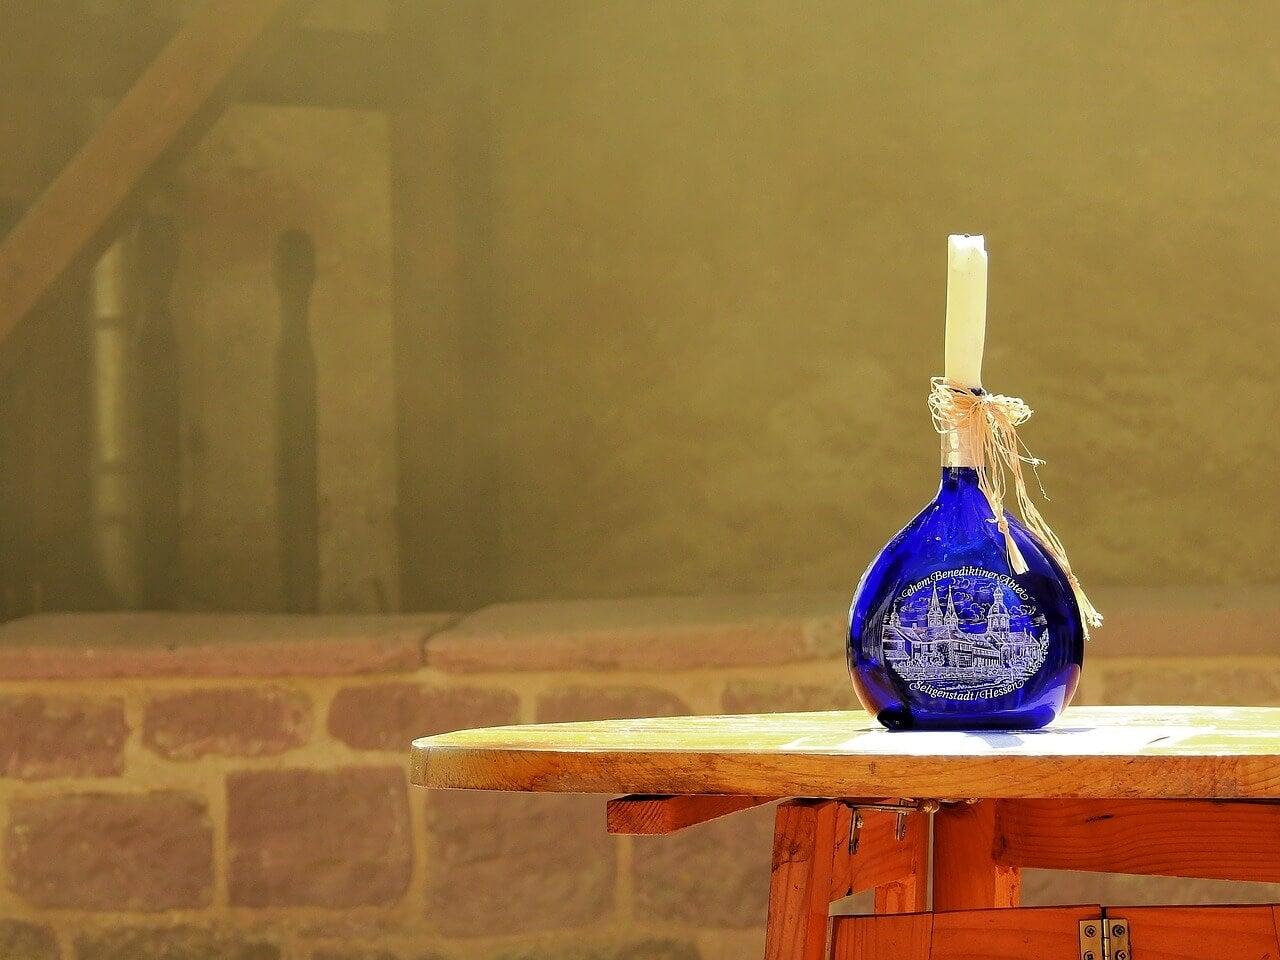 Garrafas de vino vintage: recomendaciones para usar este recurso decorativo de moda